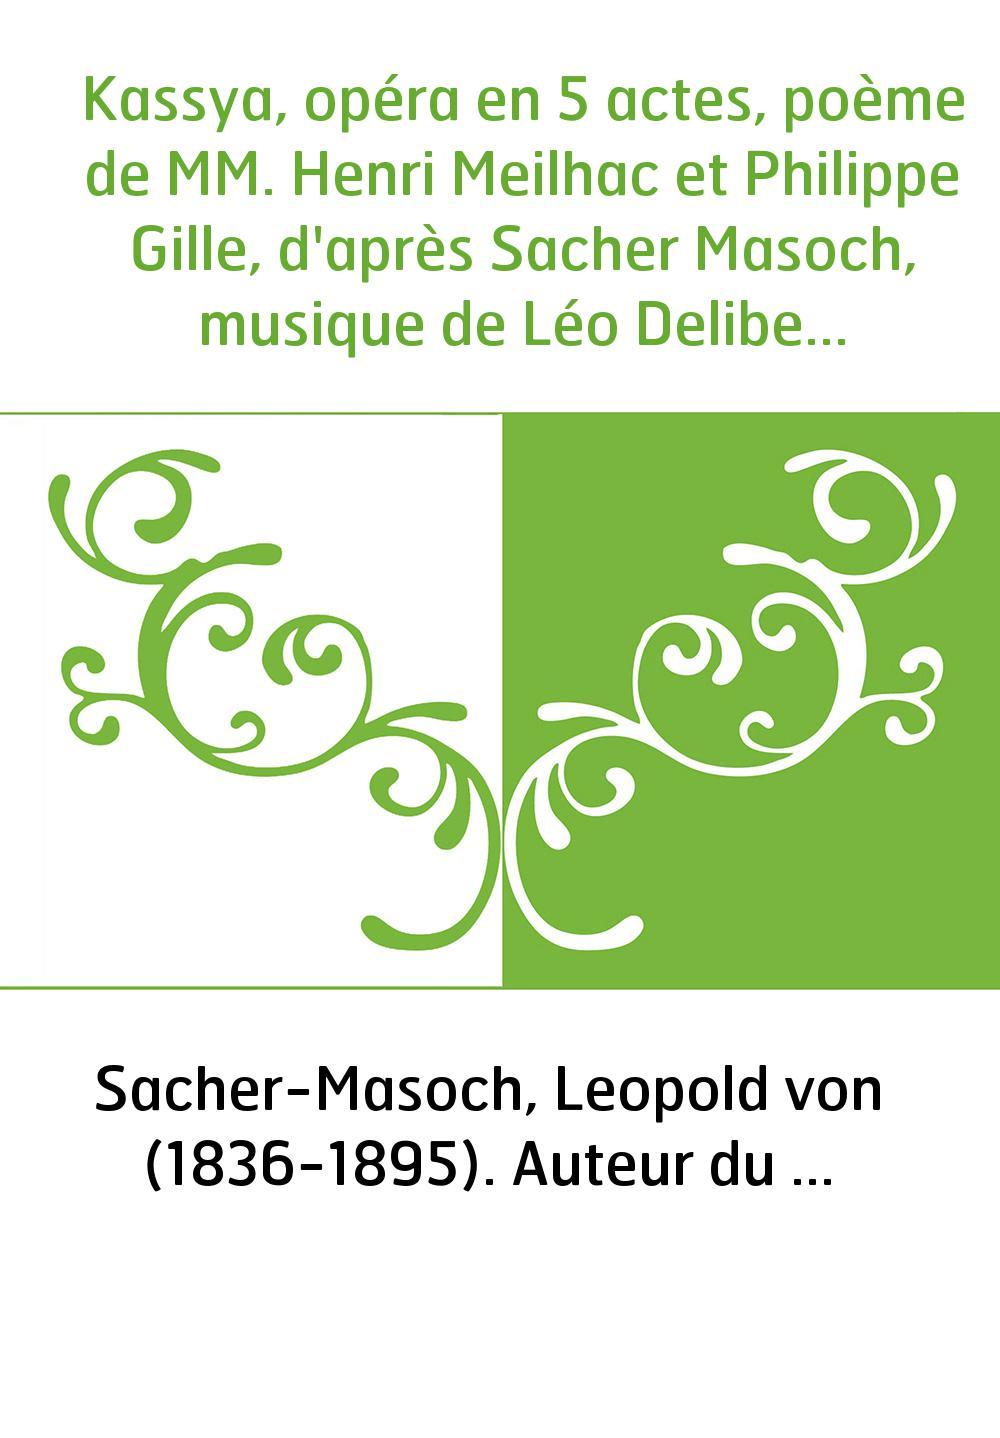 Kassya, opéra en 5 actes, poème de MM. Henri Meilhac et Philippe Gille, d'après Sacher Masoch, musique de Léo Delibes. [Paris, O